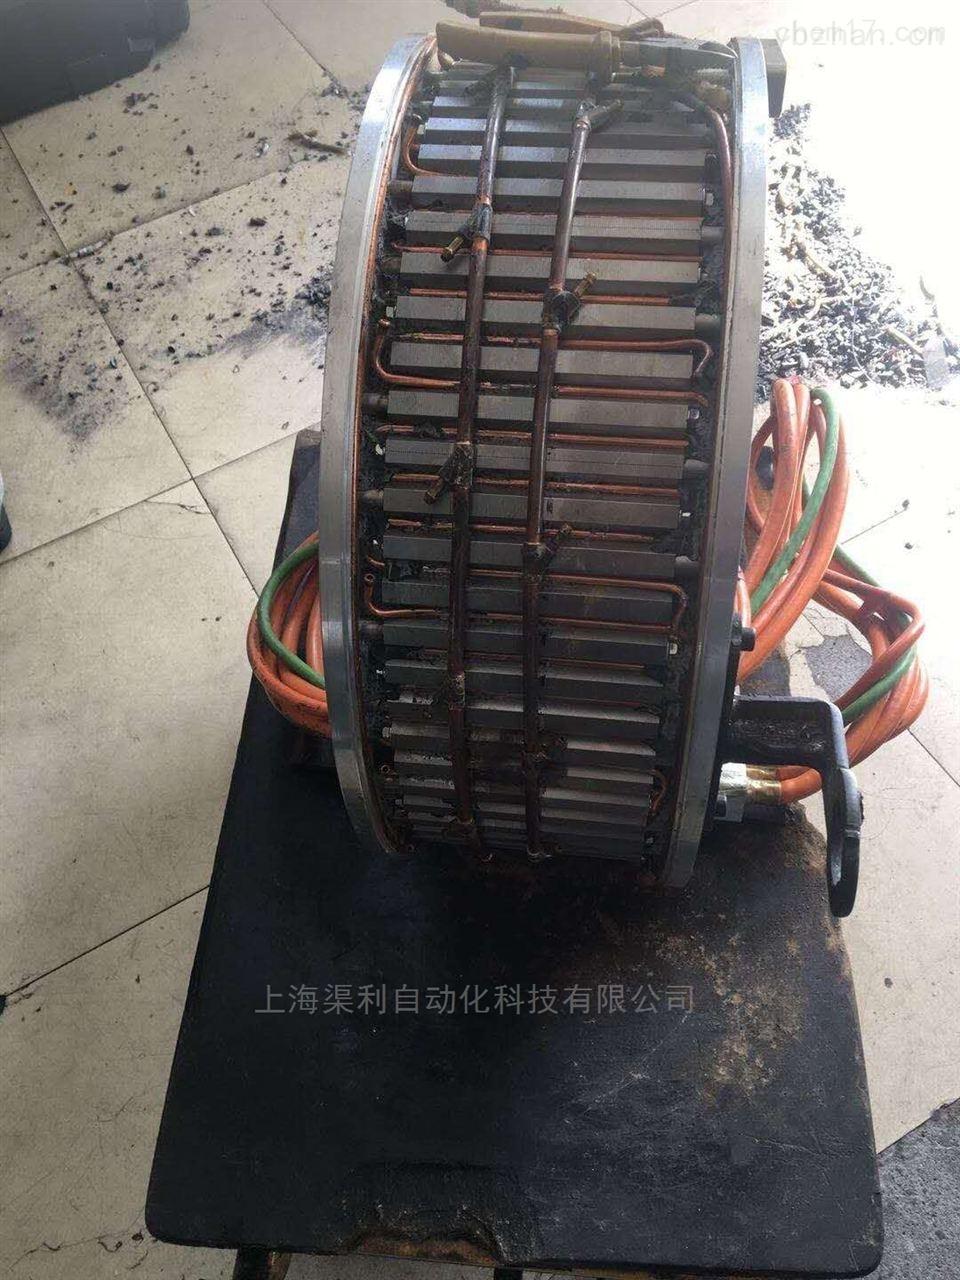 六安西门子840D系统龙门铣伺服电机更换轴承-当天检测提供维修